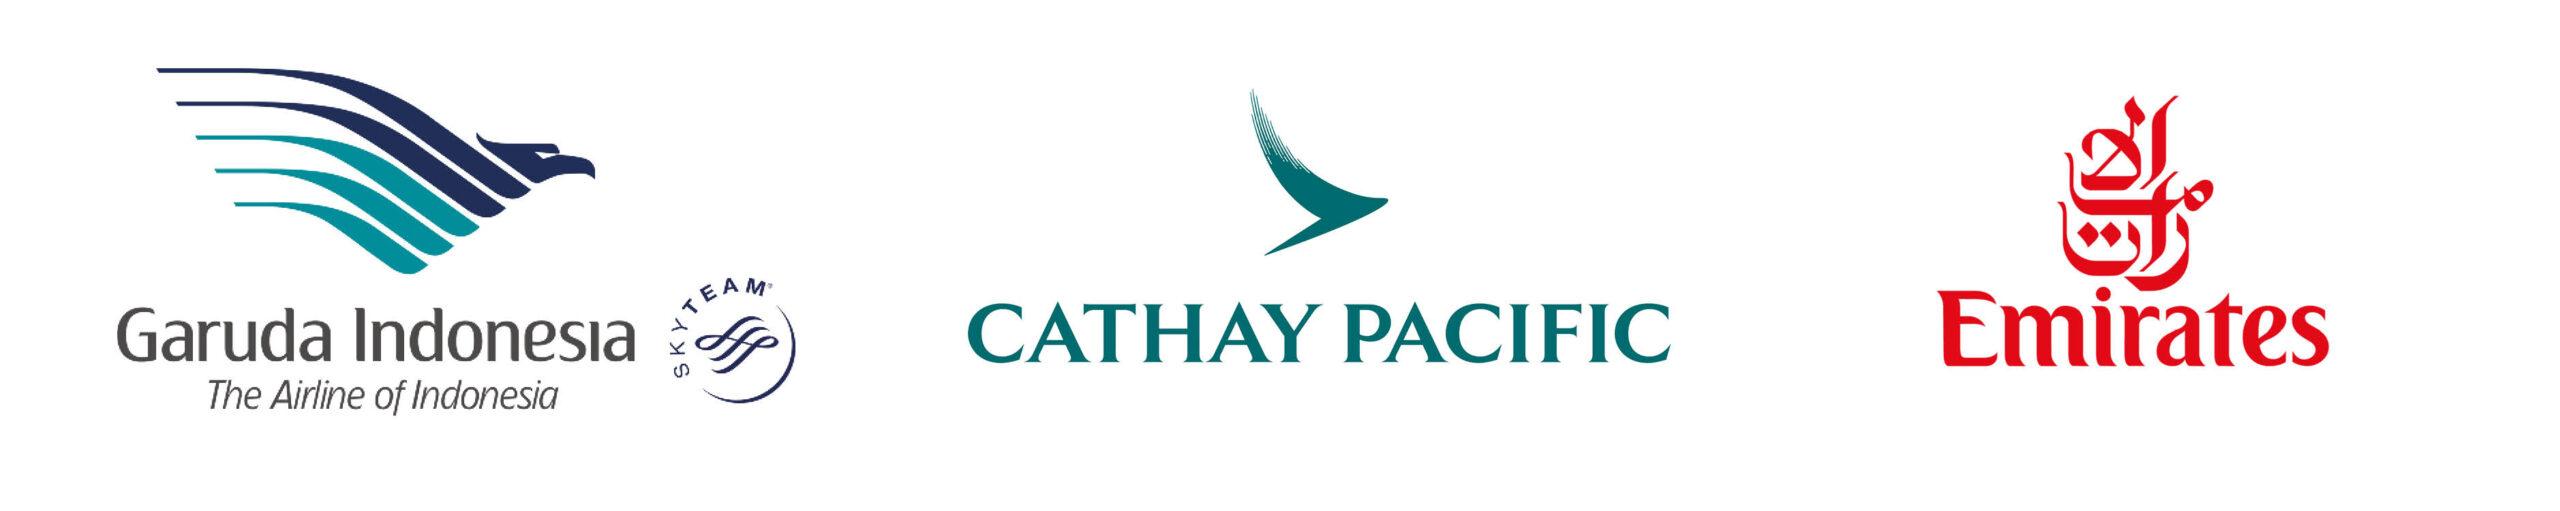 Logo's van de vliegtuigmaatschappijen Garuda, Cathay Pacific en Emirates